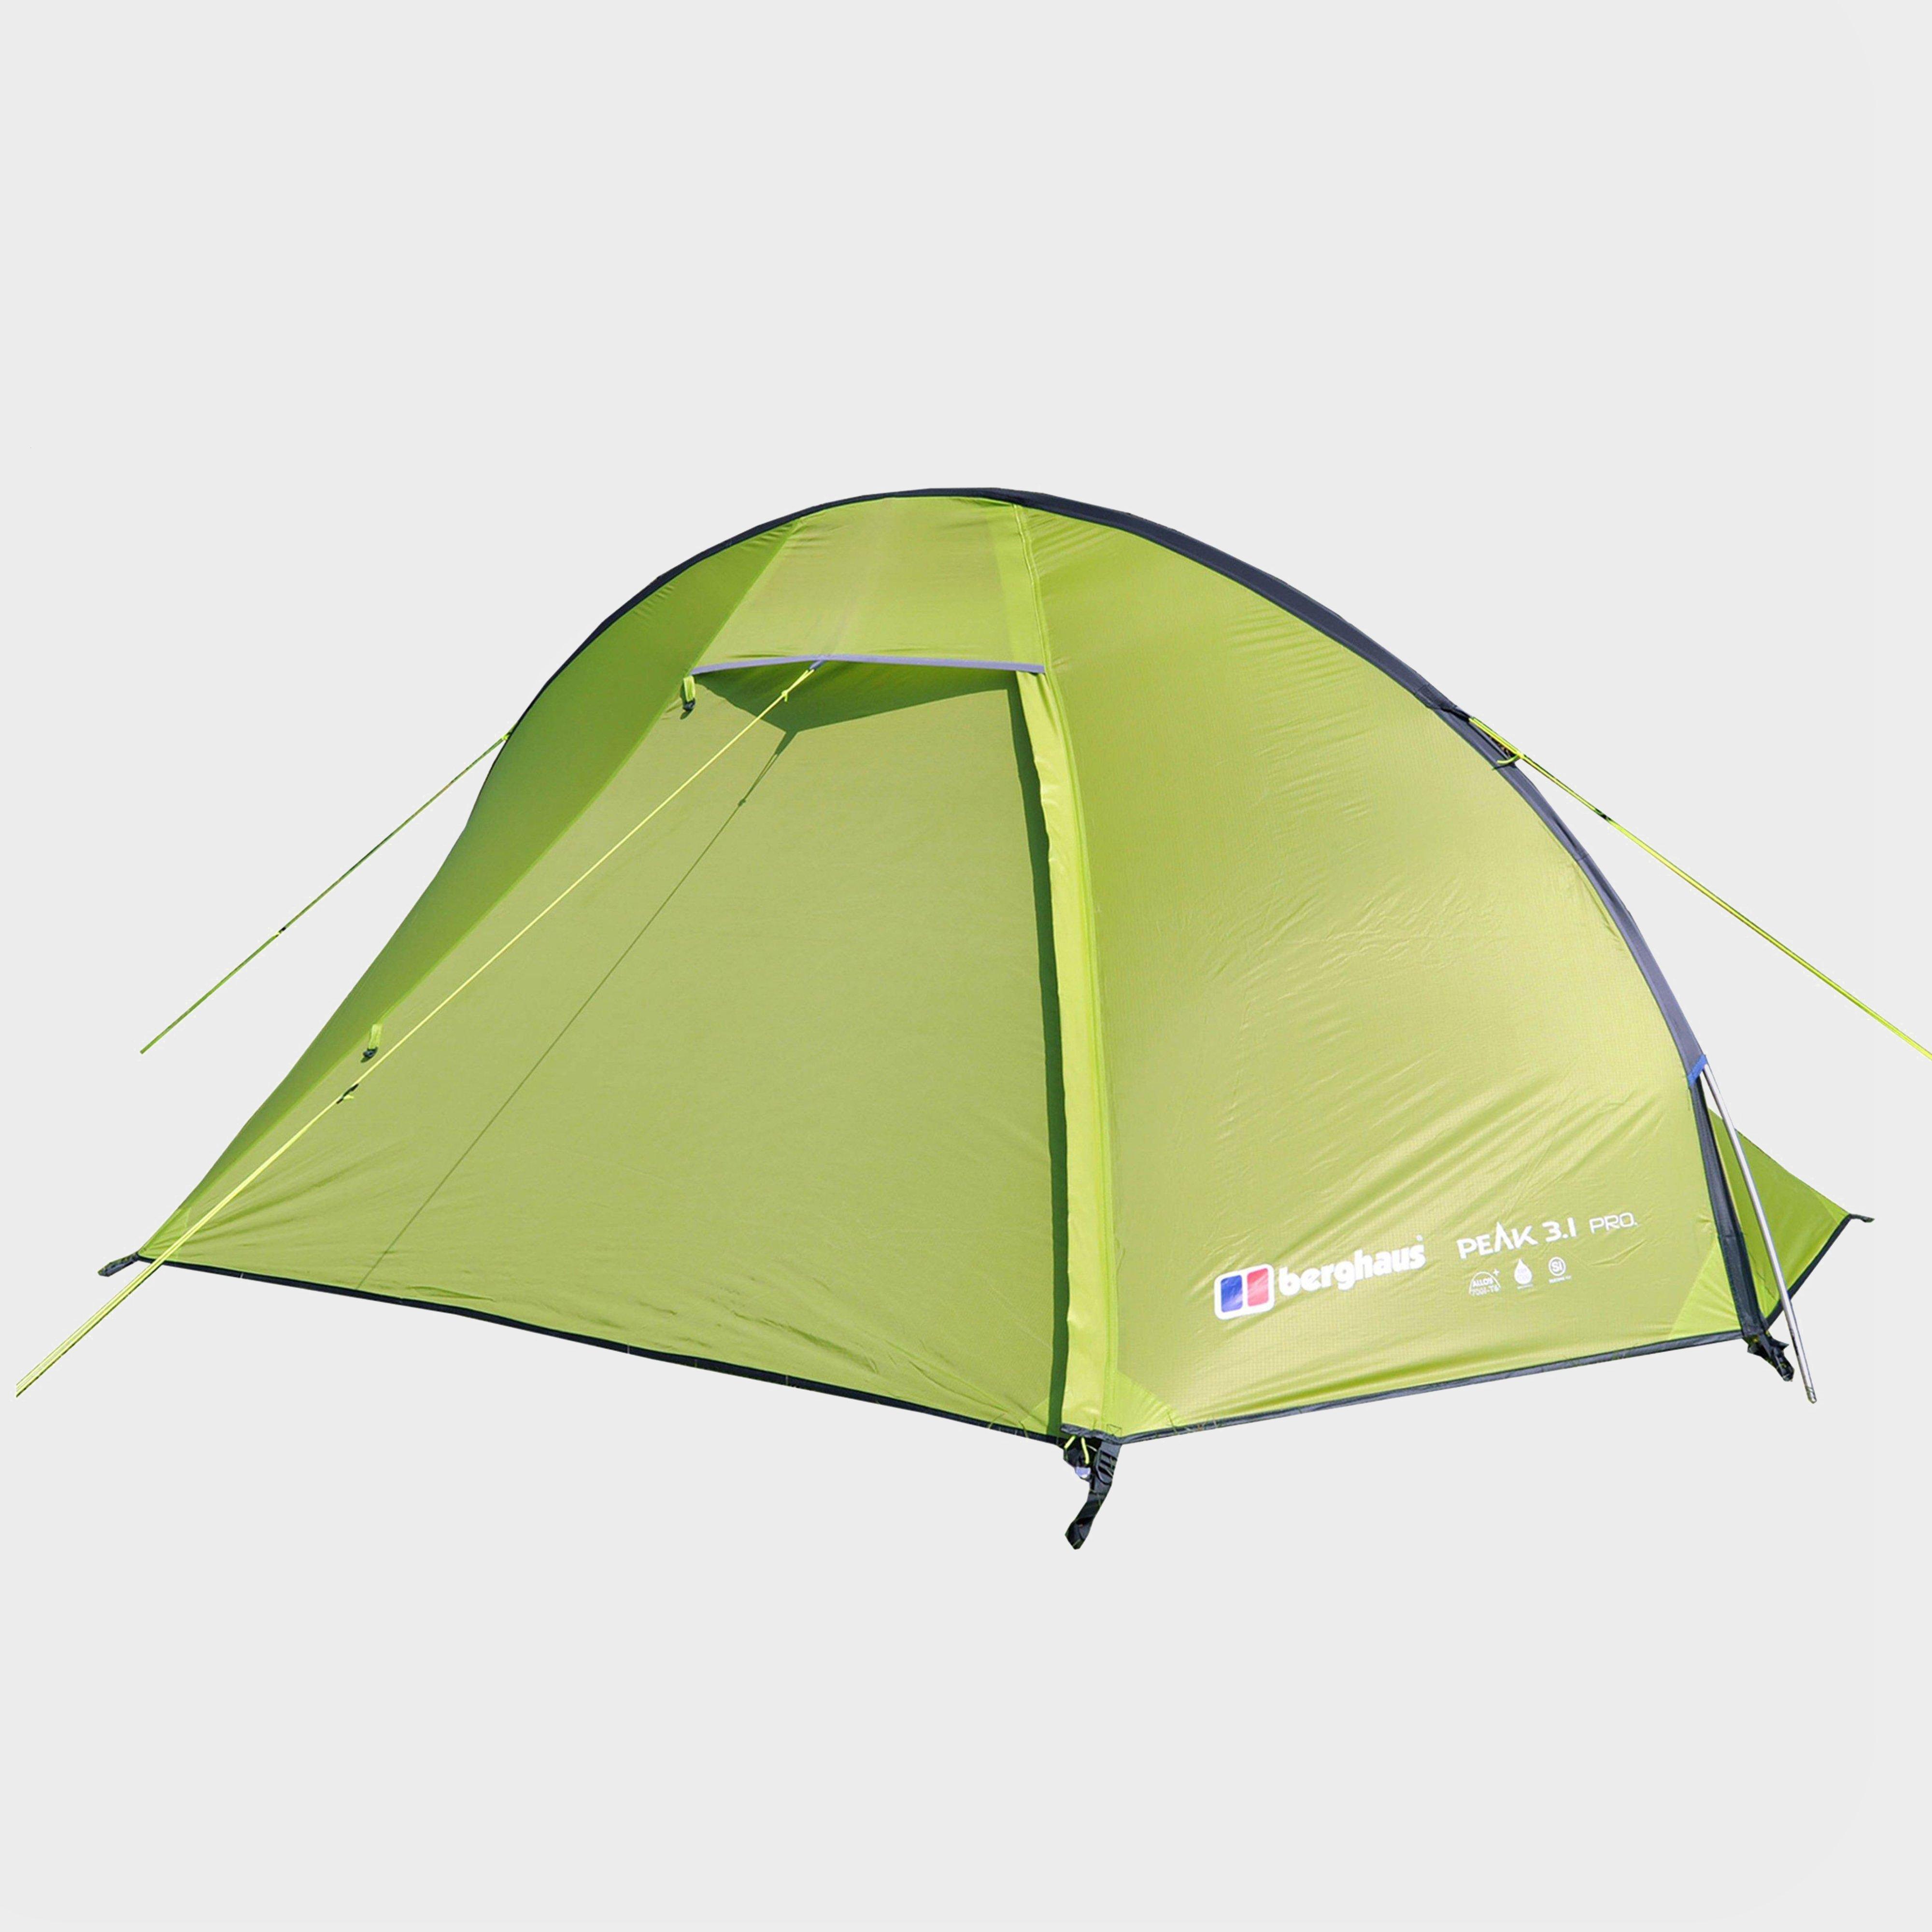 BERGHAUS Peak 3.1 Pro 1 Man Tent & Berghaus Peak 3.1 Pro 1 Man Tent